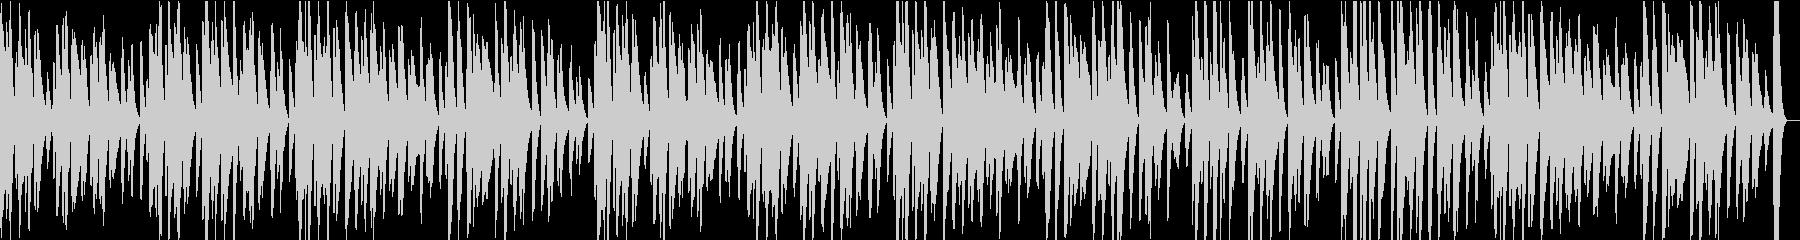 ピアノソロ・軽快・ほのぼの明るいBGMの未再生の波形